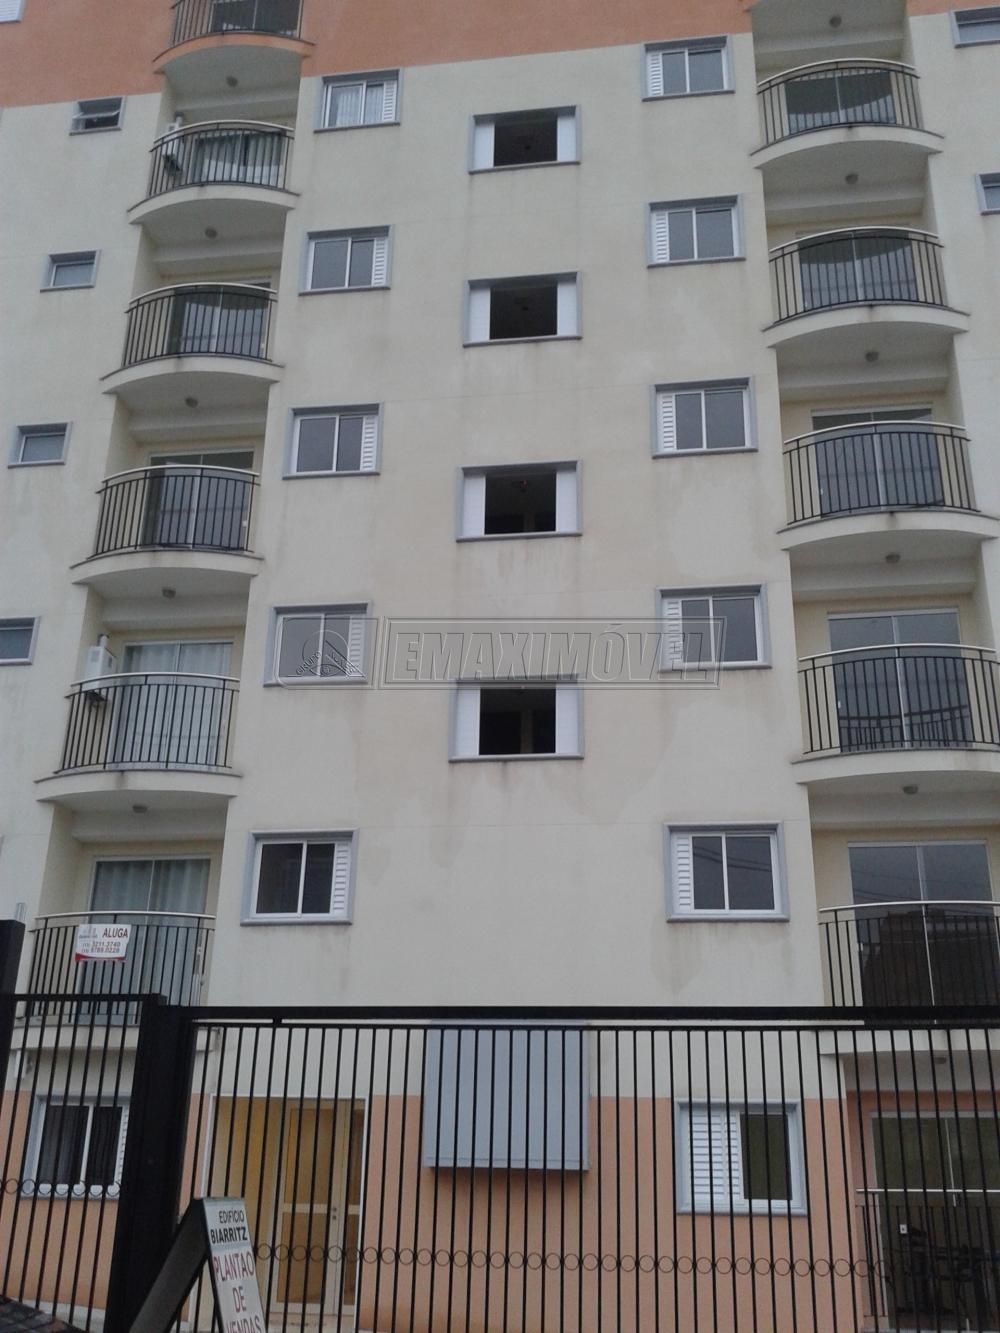 Comprar Apartamento / Cobertura em Sorocaba R$ 249.000,00 - Foto 3